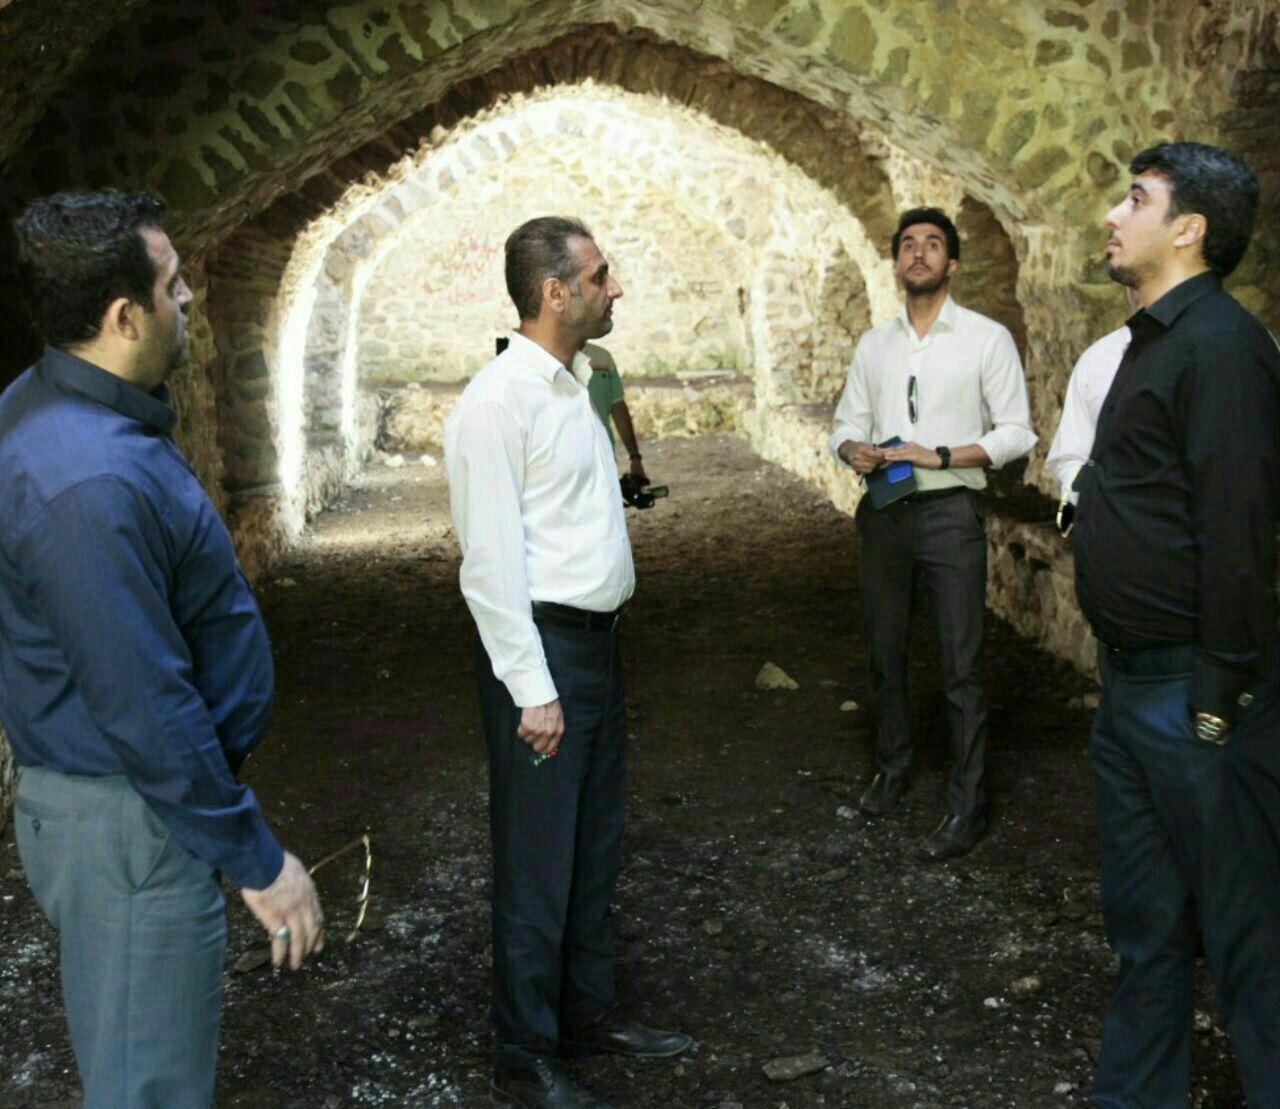 بازدید مدیرعامل صندوق احیا و بهرهبرداری از اماکن تاریخی کشور از کاروانسراهای تاریخی محور توسکستان گرگان